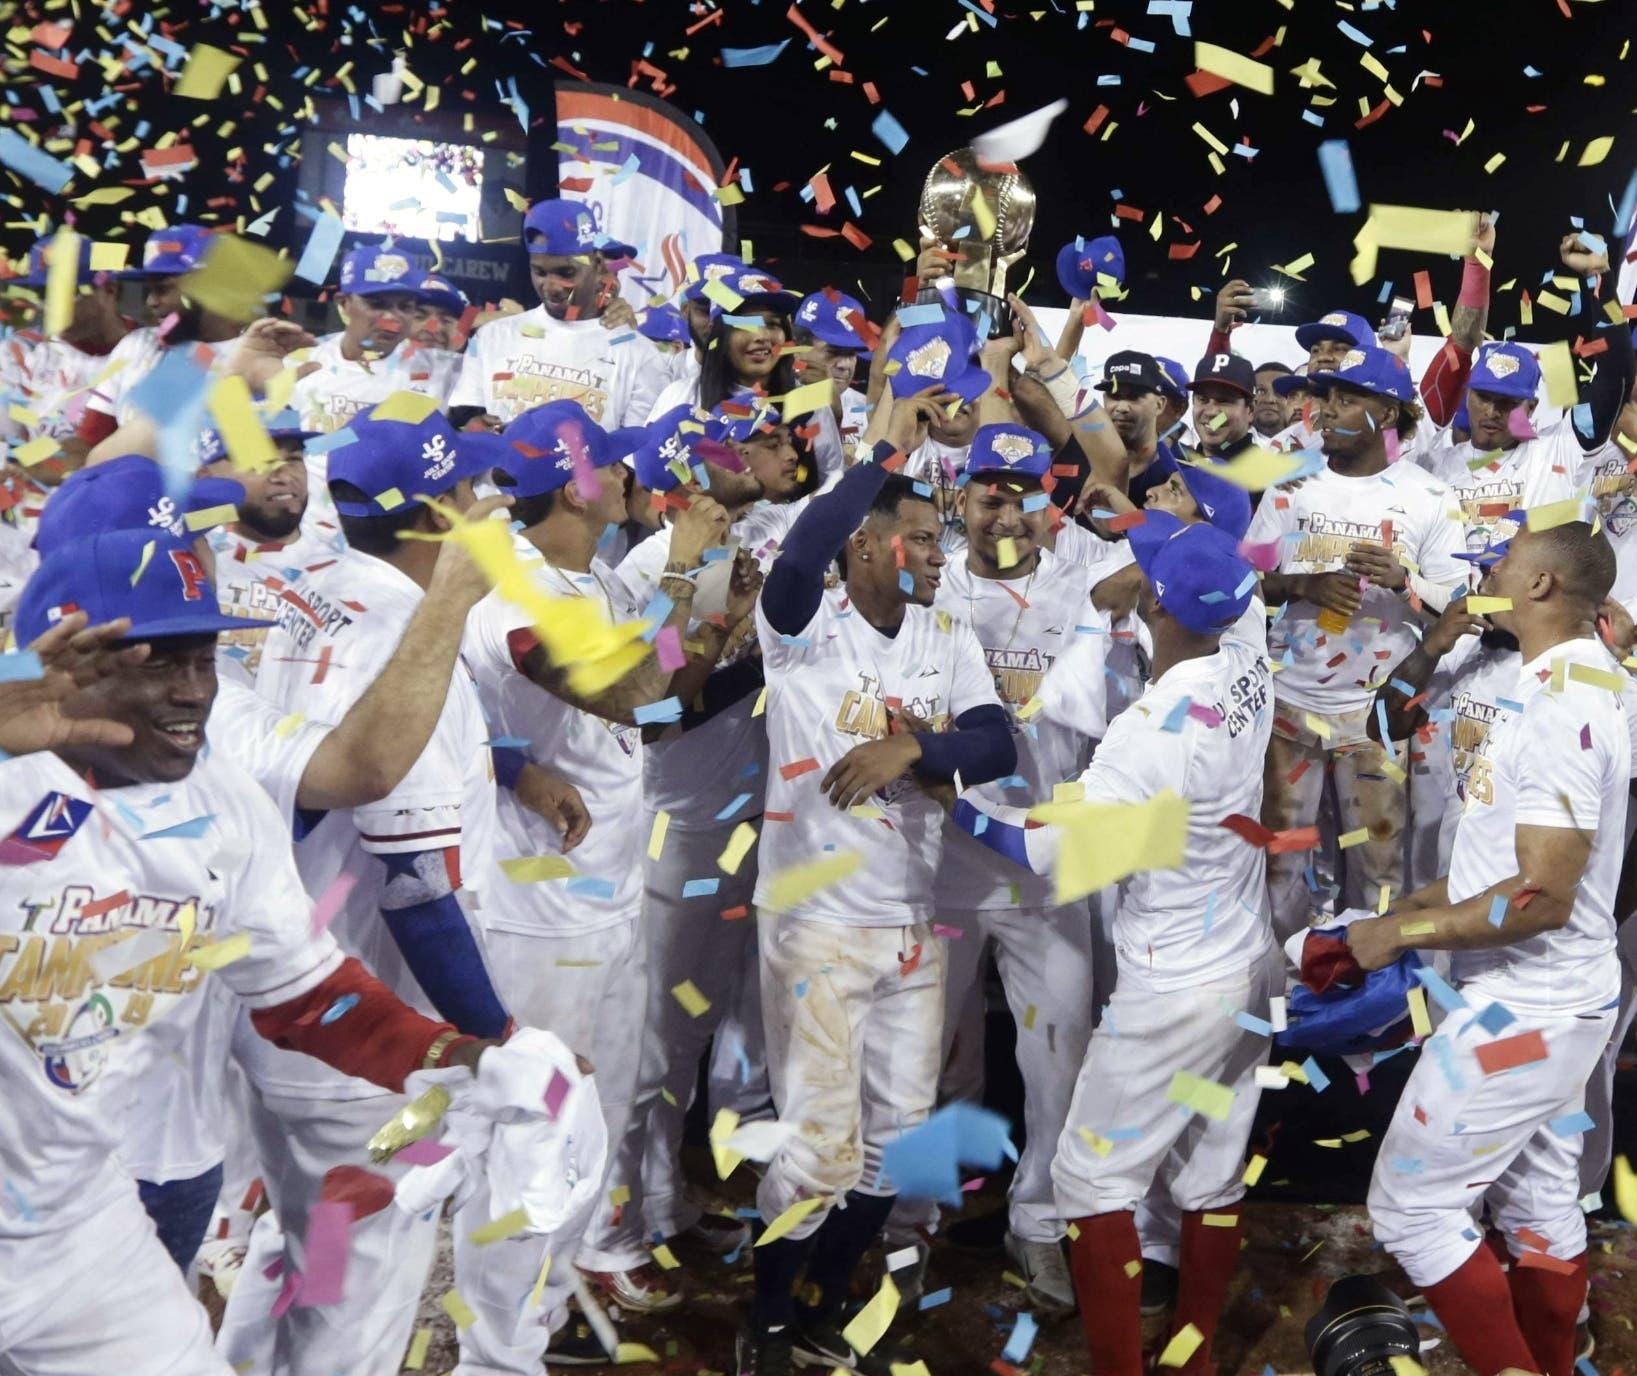 Con gran júbilo, el equipo panameño celebra y muestra el trofeo obtenido ayer al ganar la Serie del Caribe.